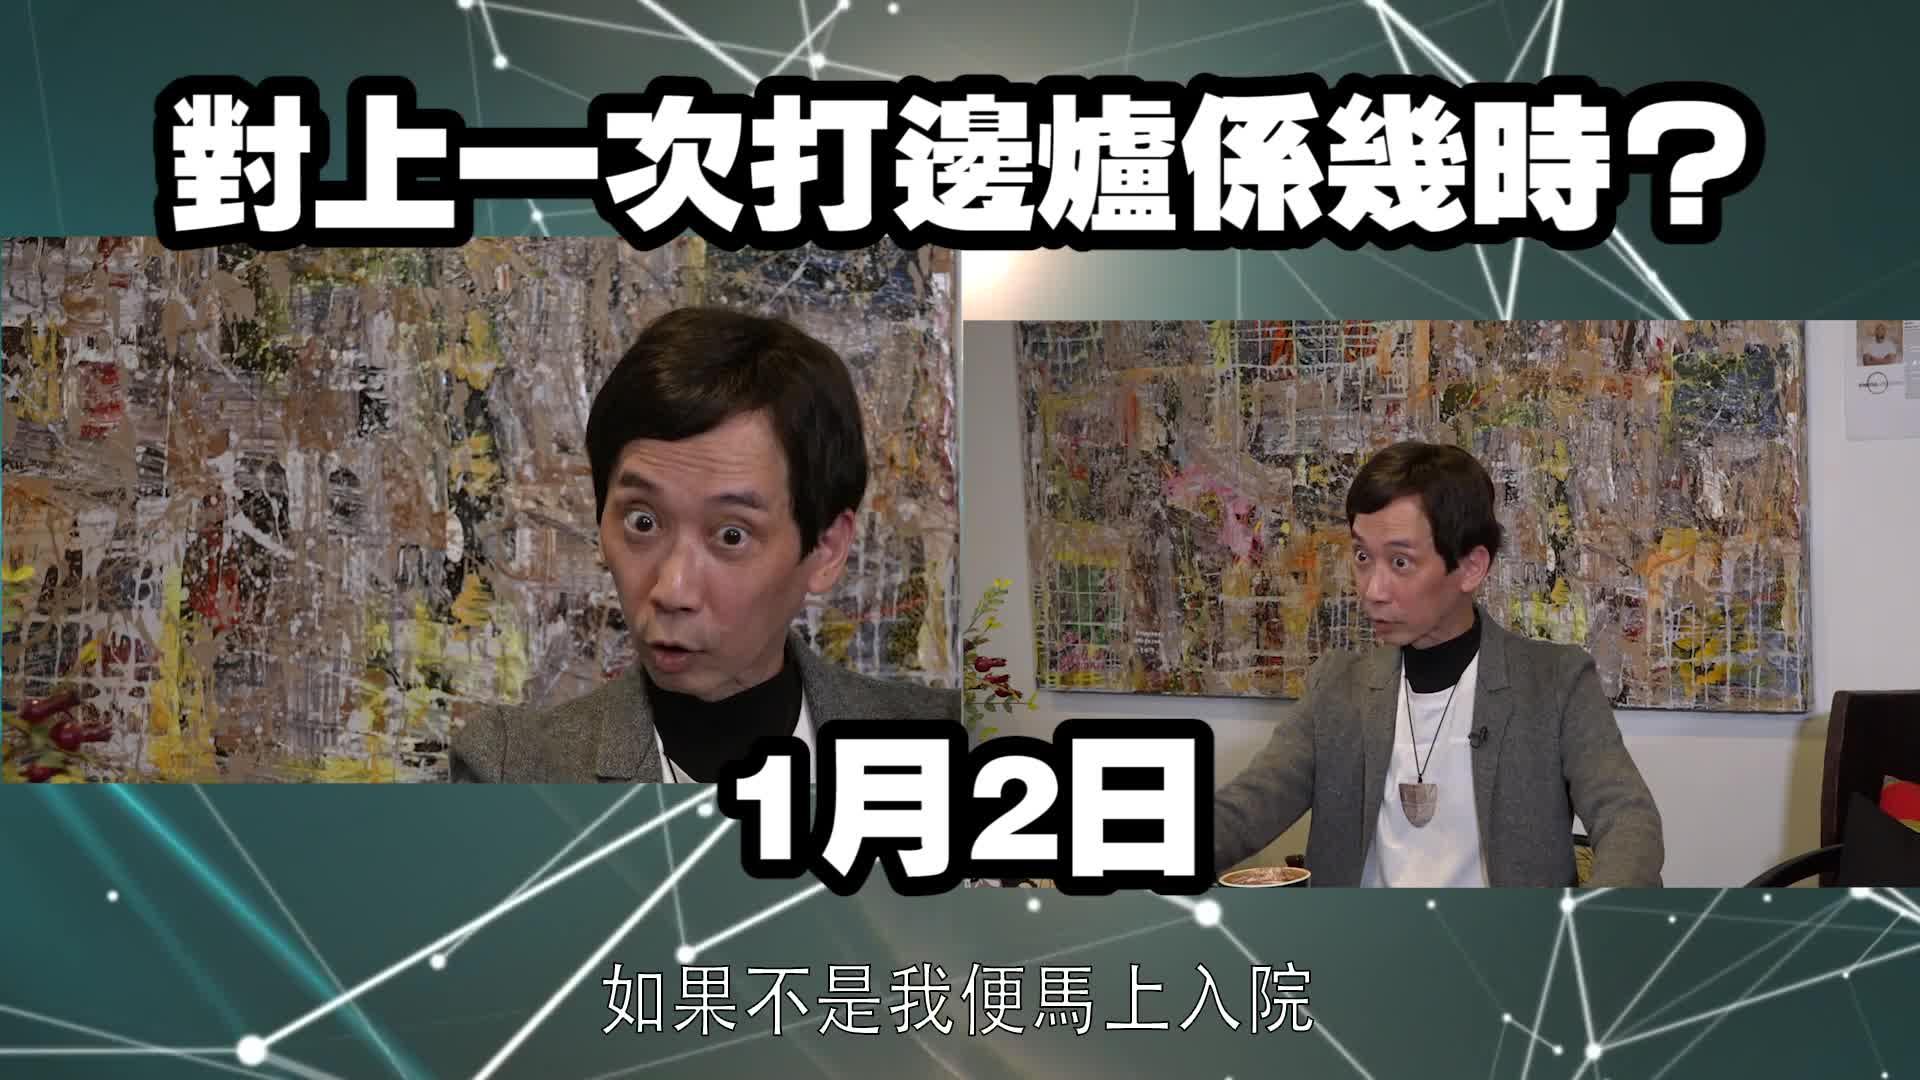 【娛樂訪談】為咗健康,拍劇? 張達明:咪搞我